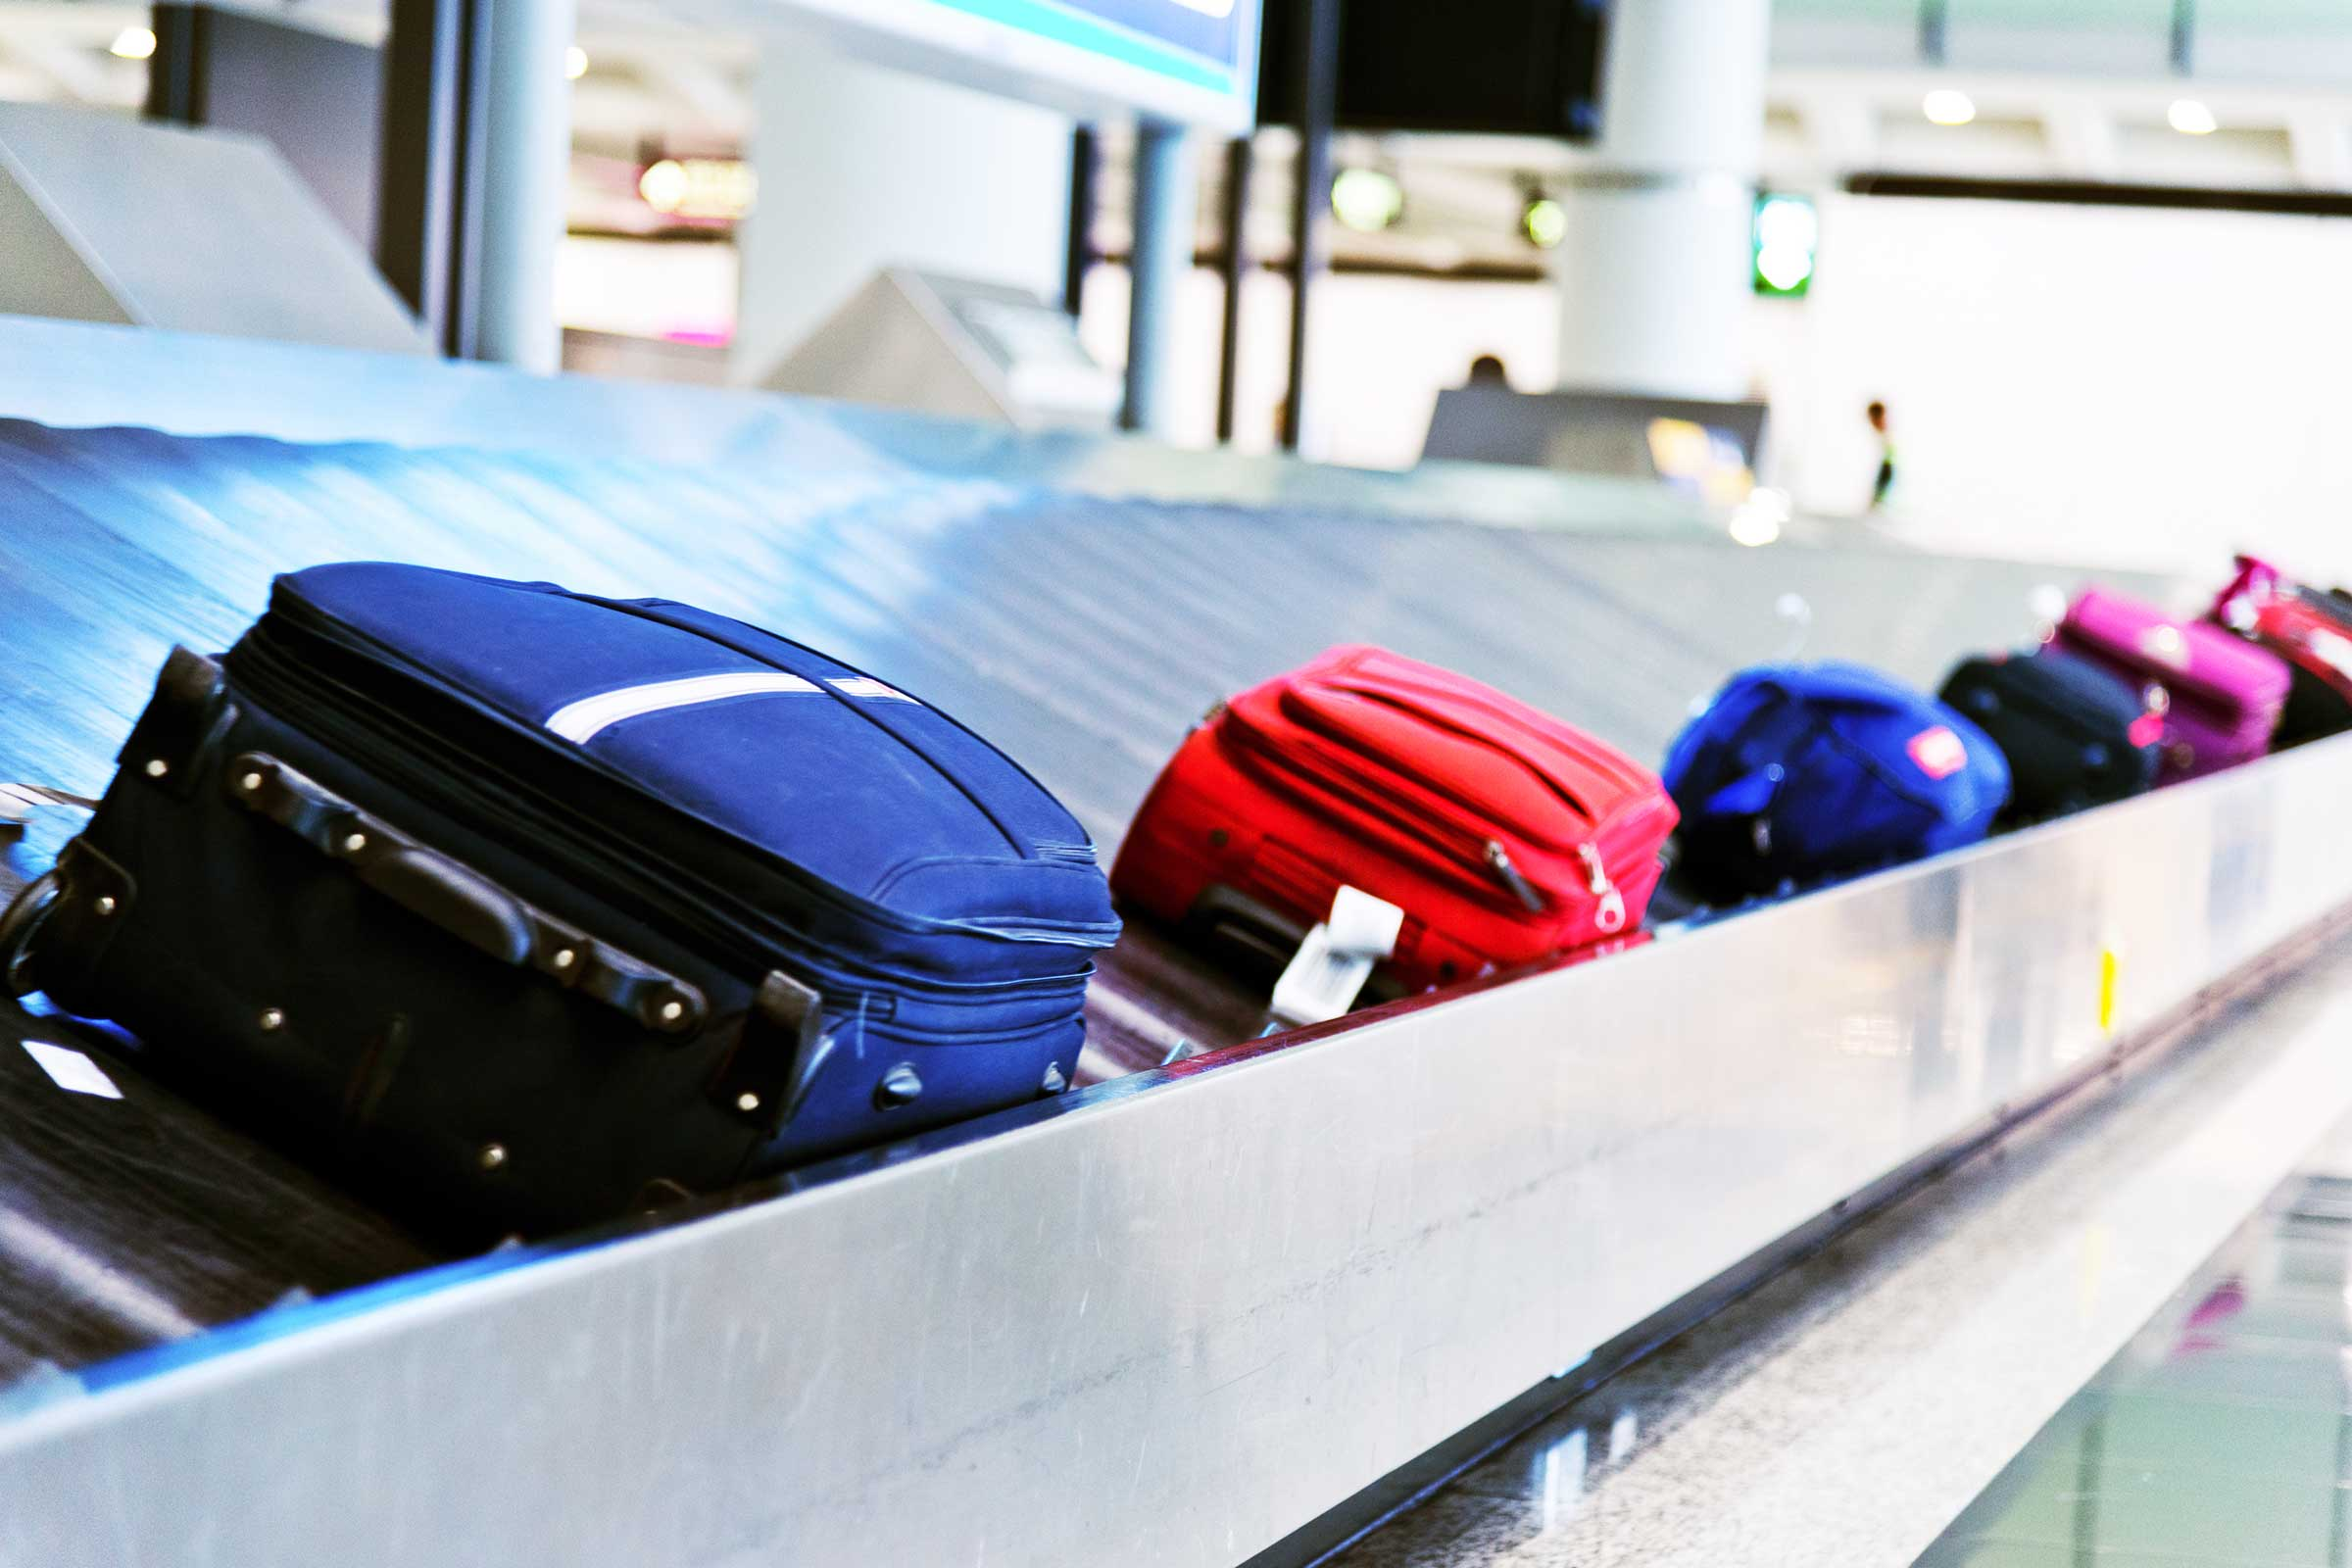 Vietnam Airlines sẽ siết chặt số kiện hành lý của khách đi máy bay